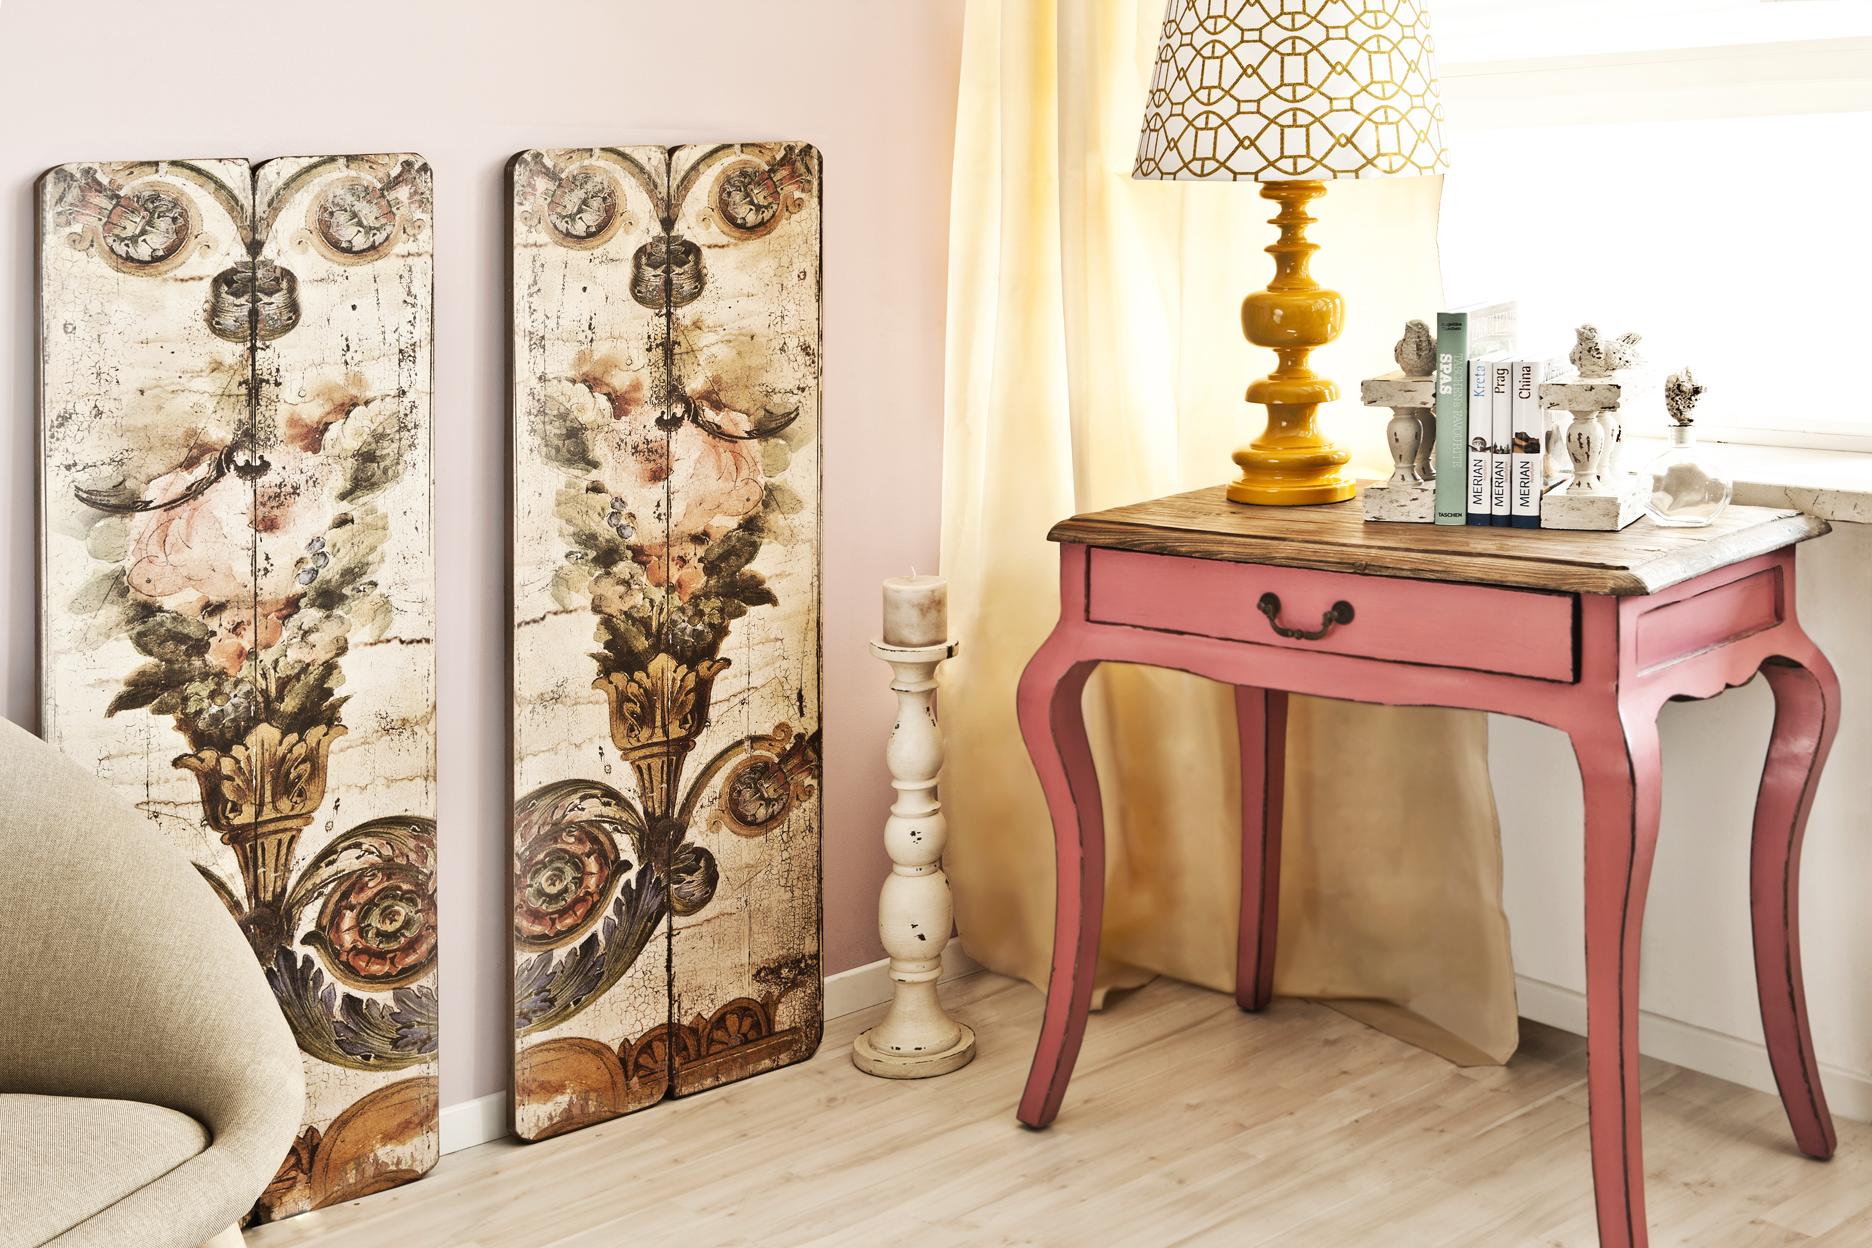 Estilo antiguo muebles y accesorios con encanto westwing for Muebles japoneses antiguos